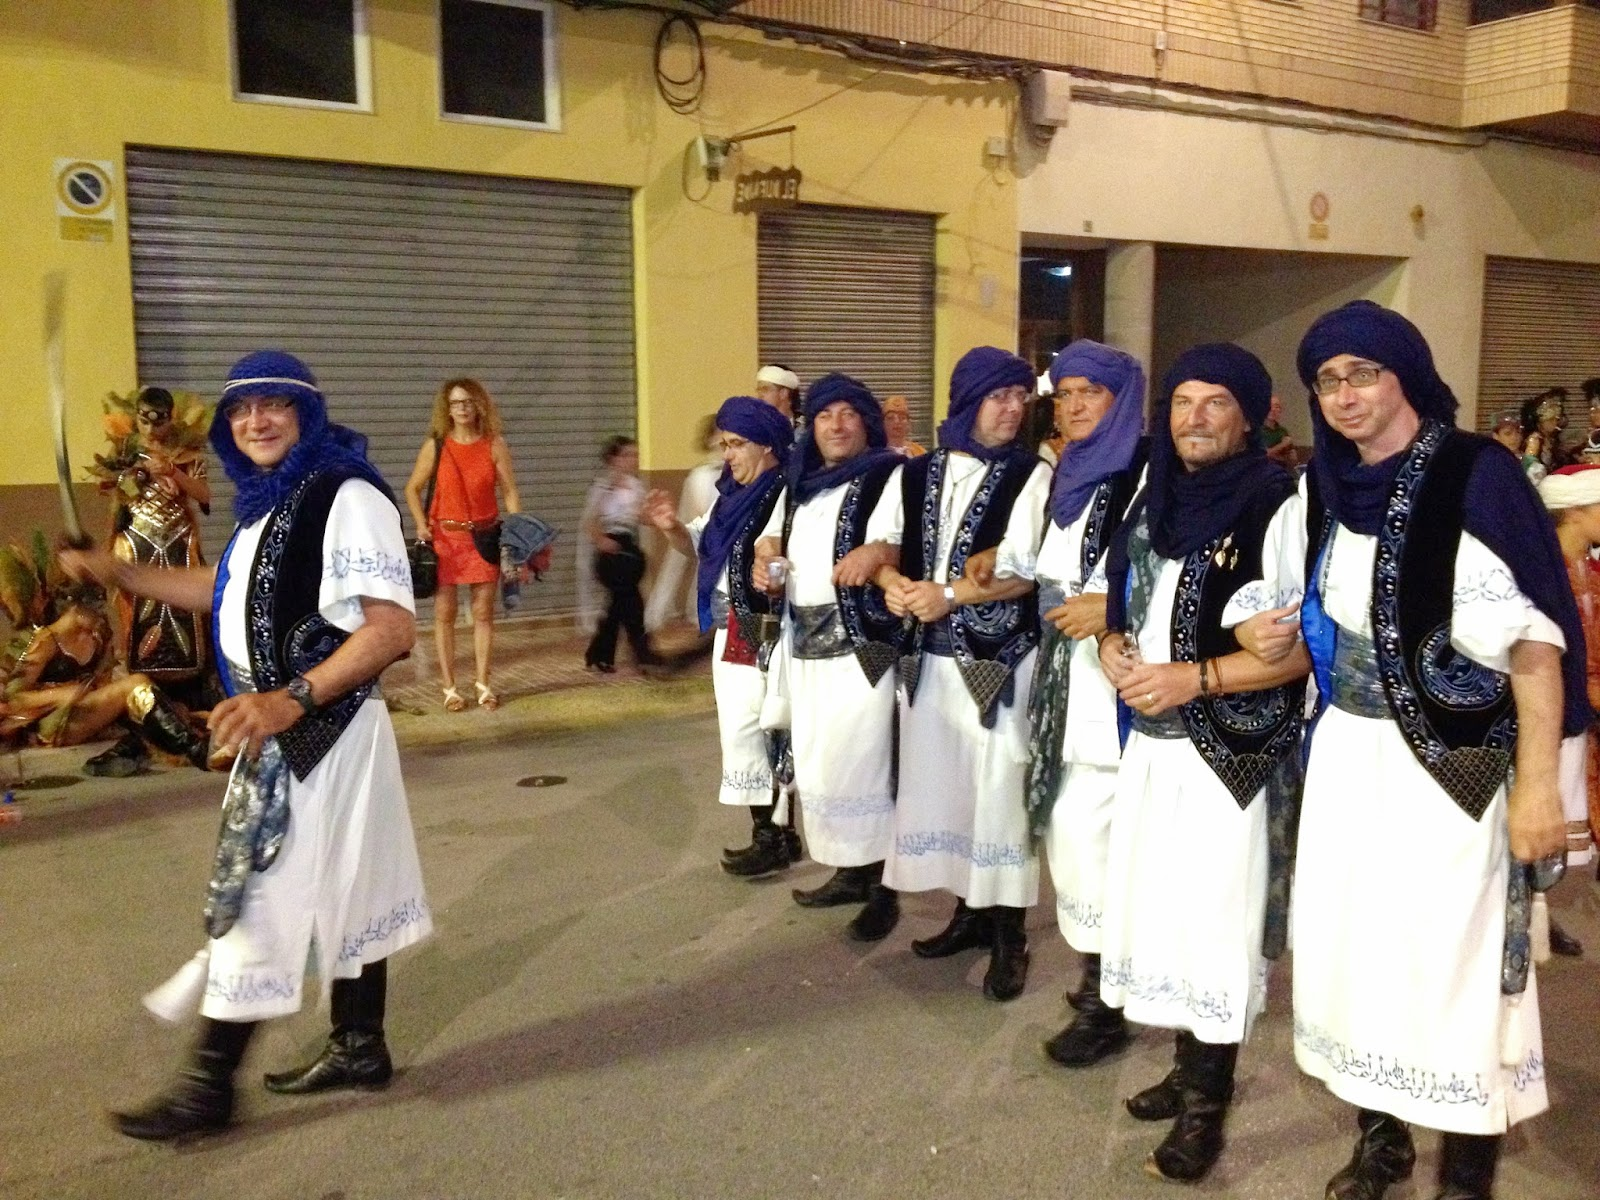 La carismática Escuadra de Moros Abenzoares desfilando en la Enhorabuena de los Moros y Cristianos de Caudete.